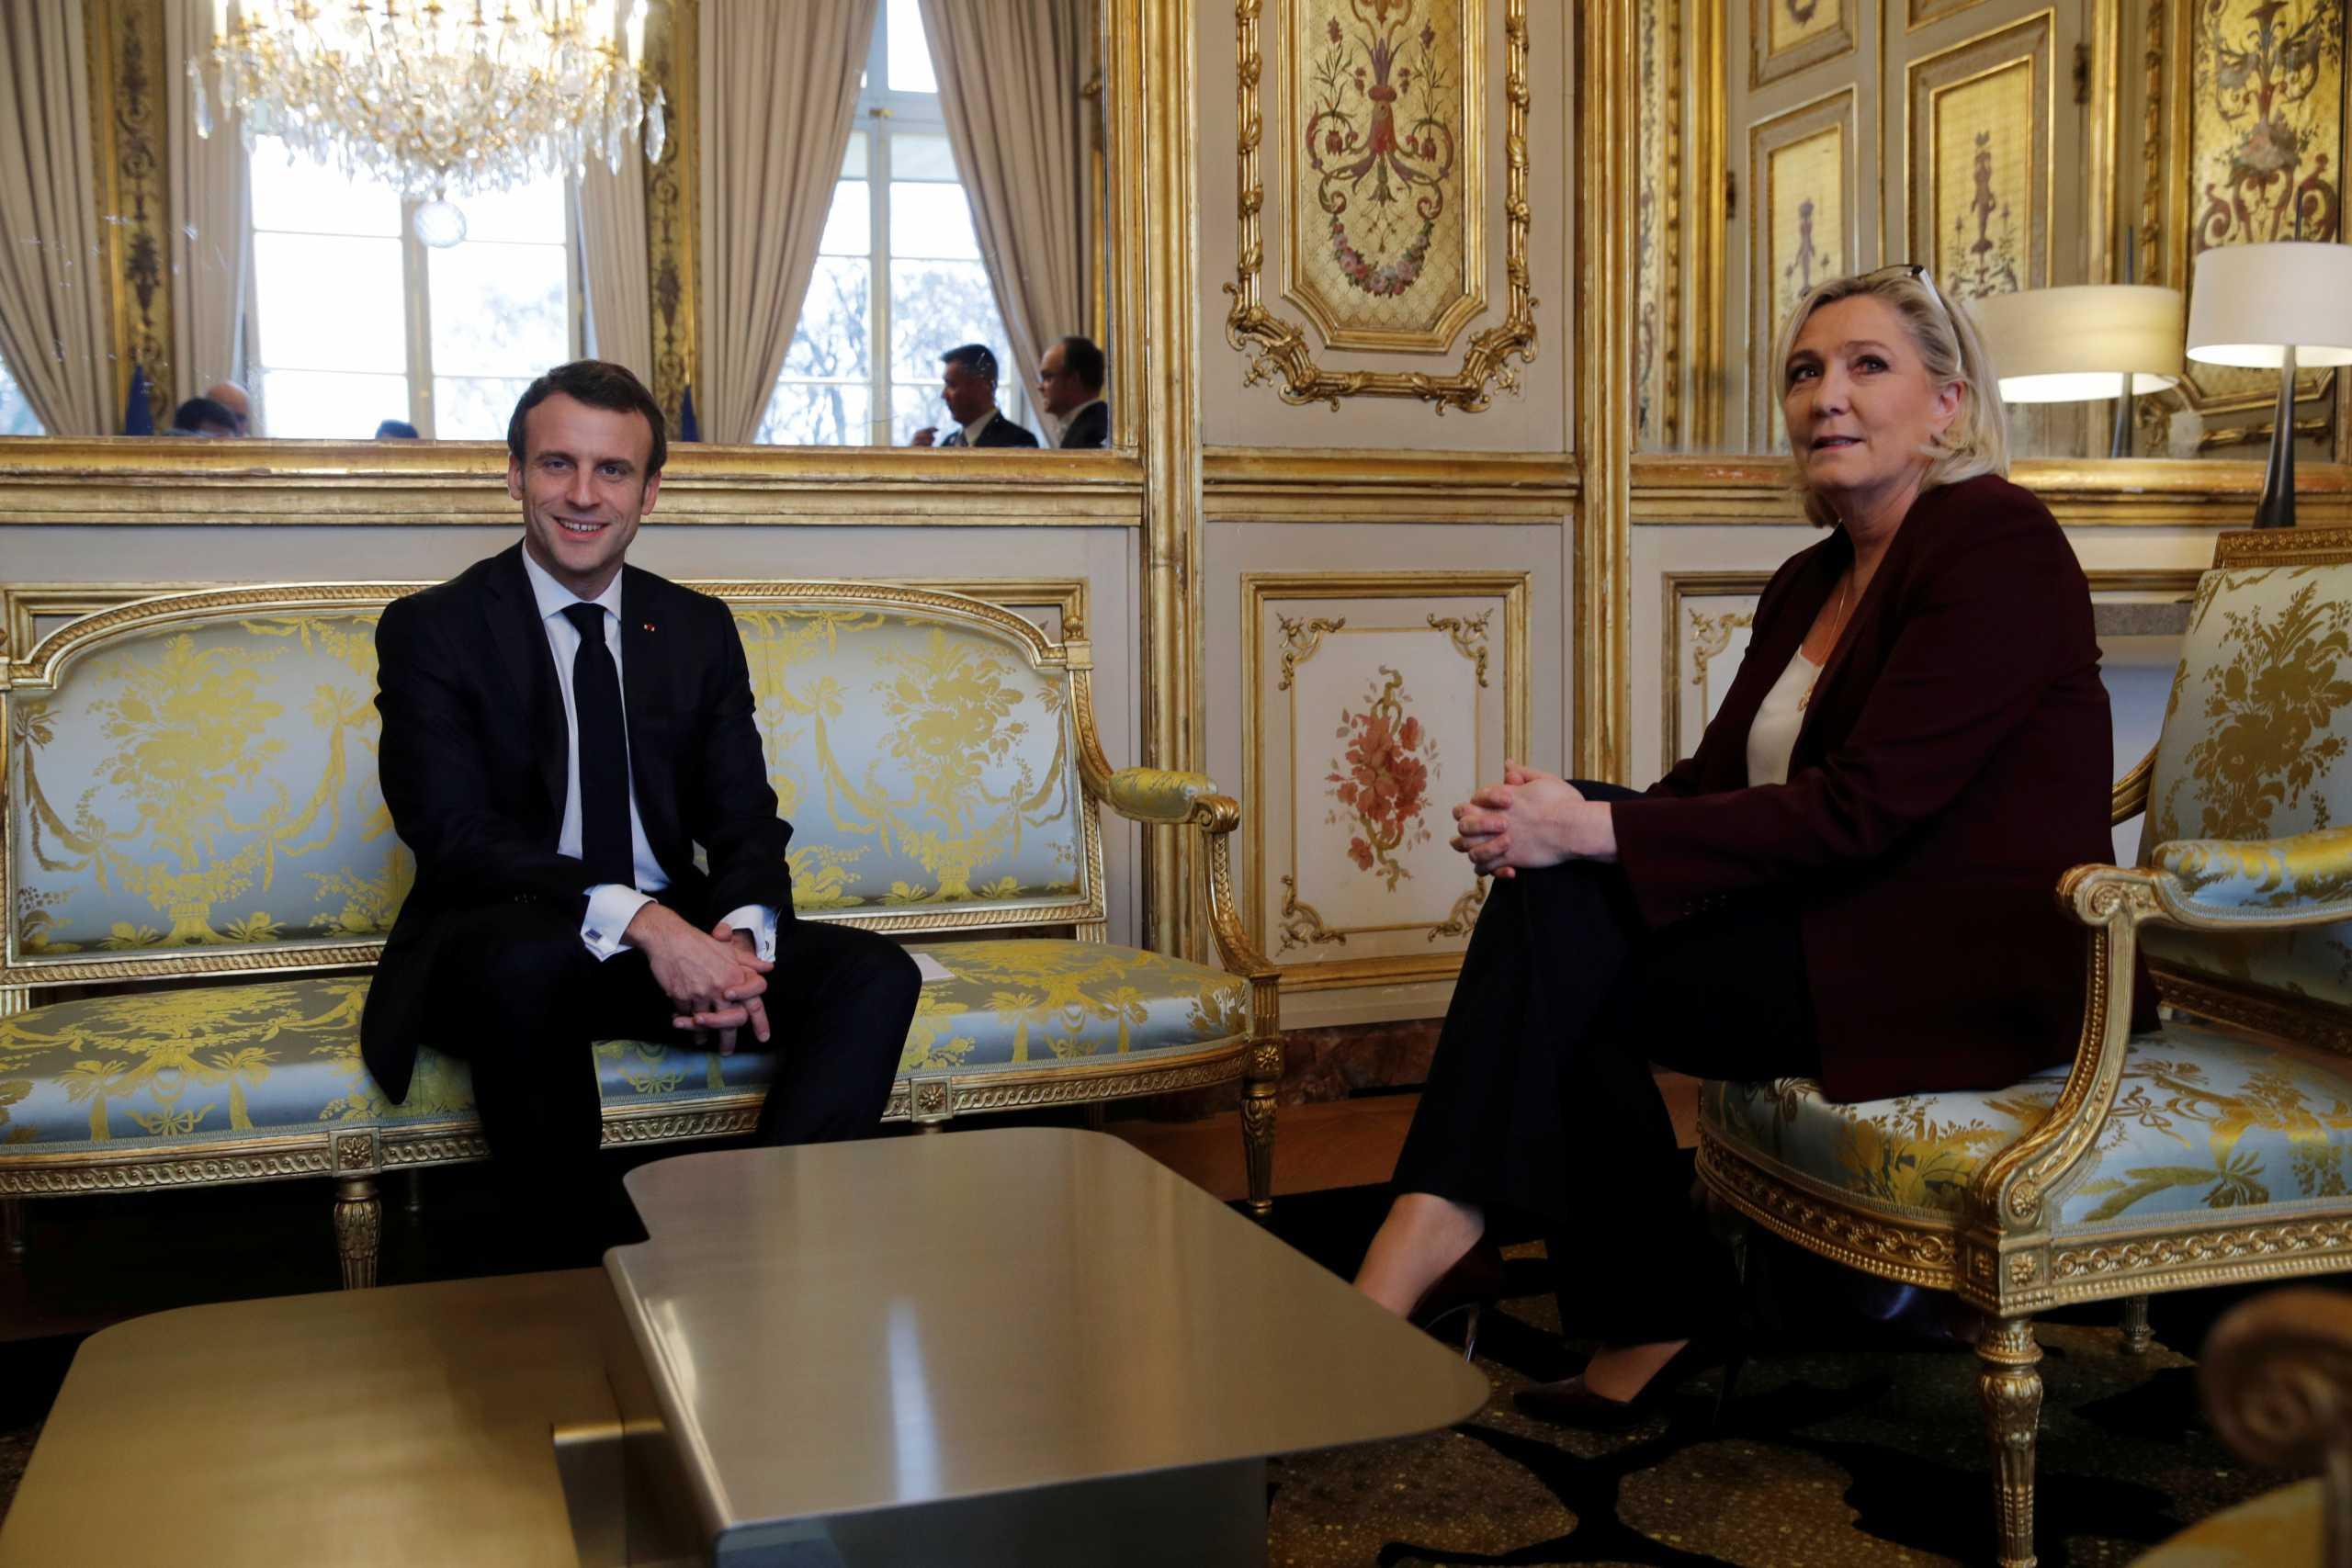 Υποψήφια πρόεδρος η Μαρίν Λε Πεν στις γαλλικές προεδρικές εκλογές του 2022